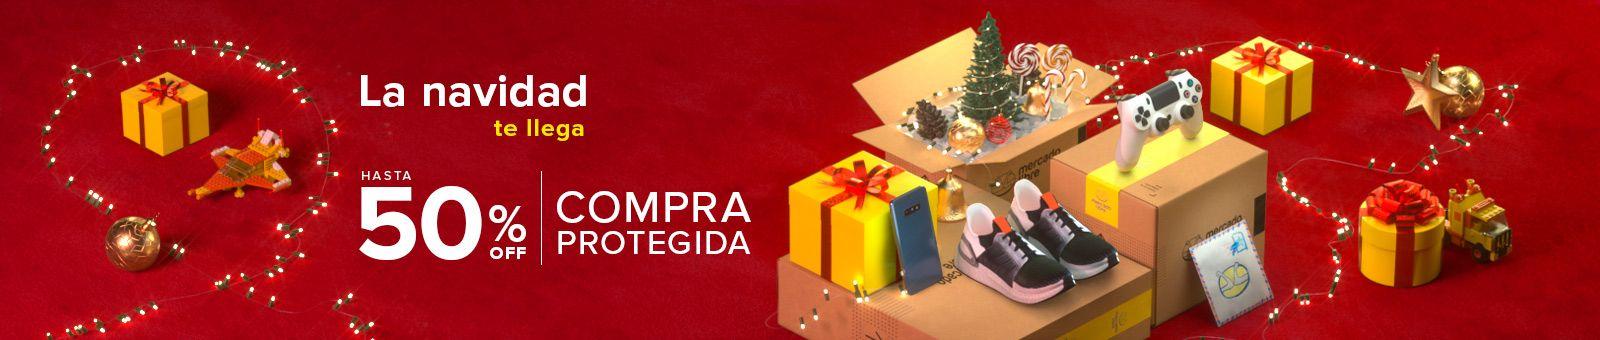 Navidad en Mercado Libre